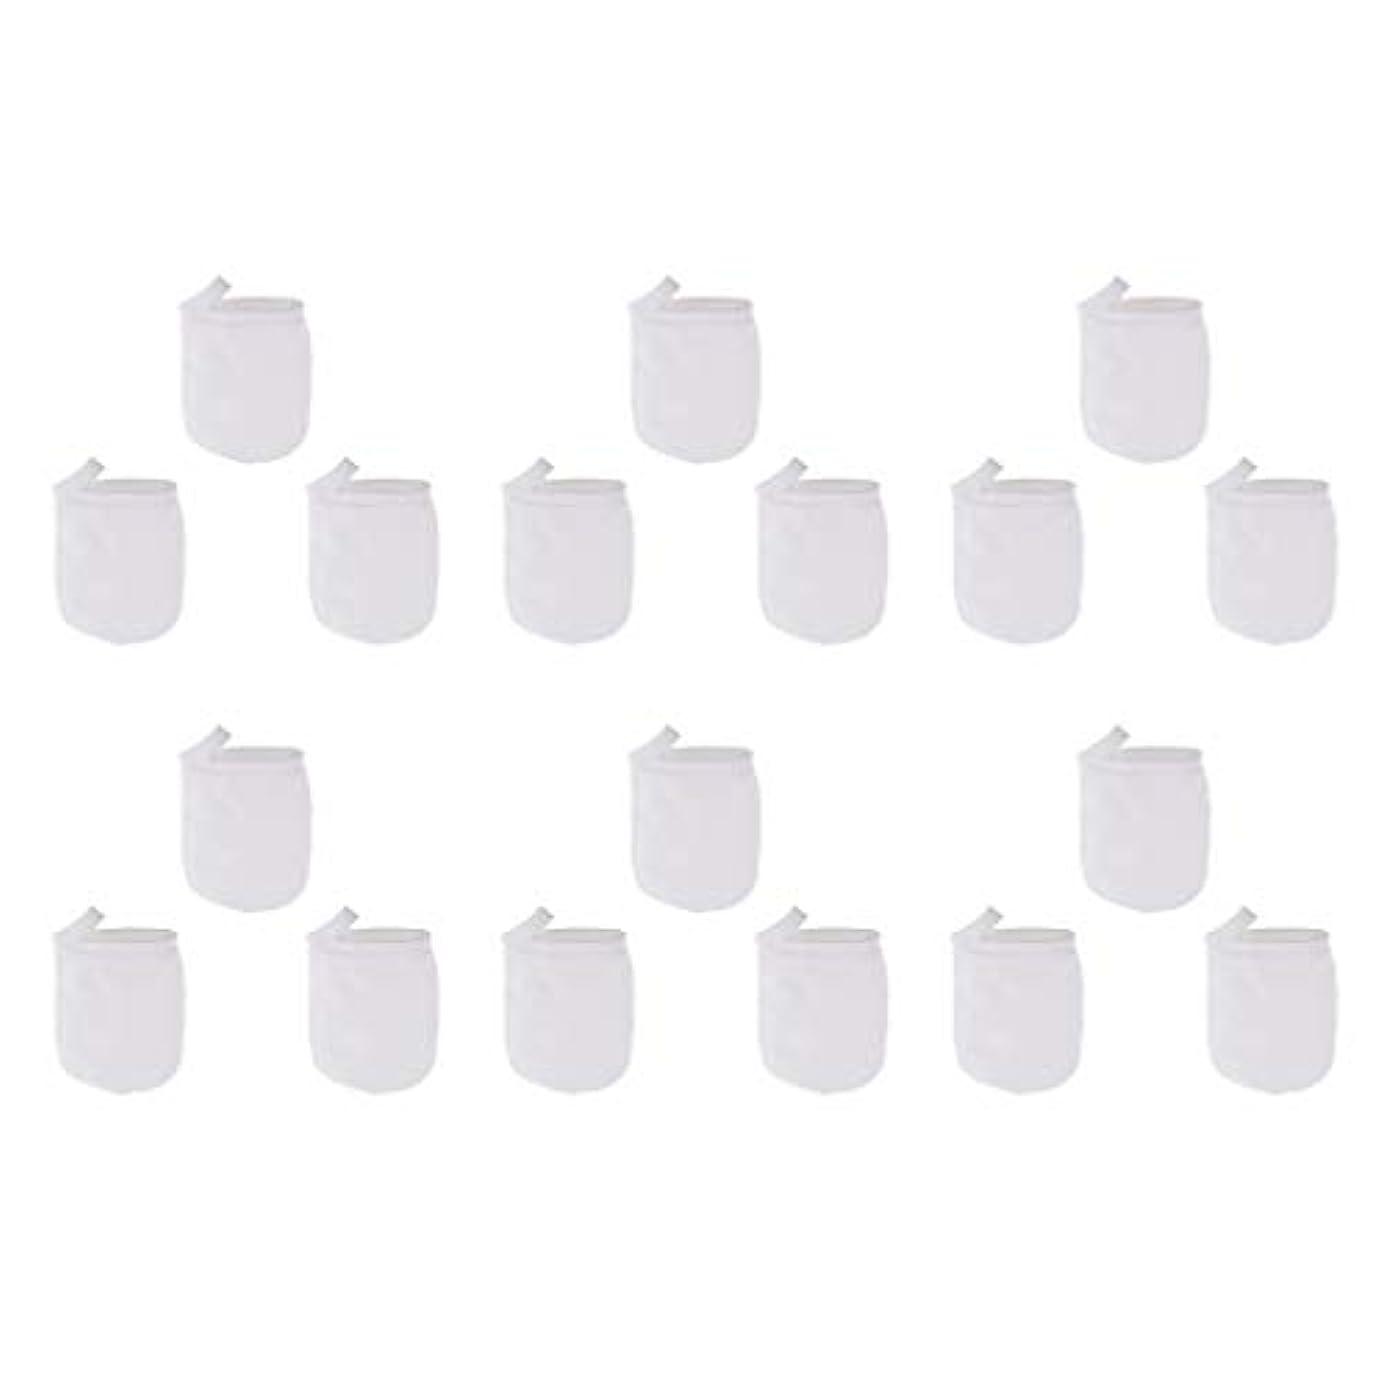 メアリアンジョーンズ休眠熟達したCUTICATE 洗顔手袋 フェイスクレンジング手袋 再利用可能な 柔らかい マイクロファイバー リムーバー 洗顔